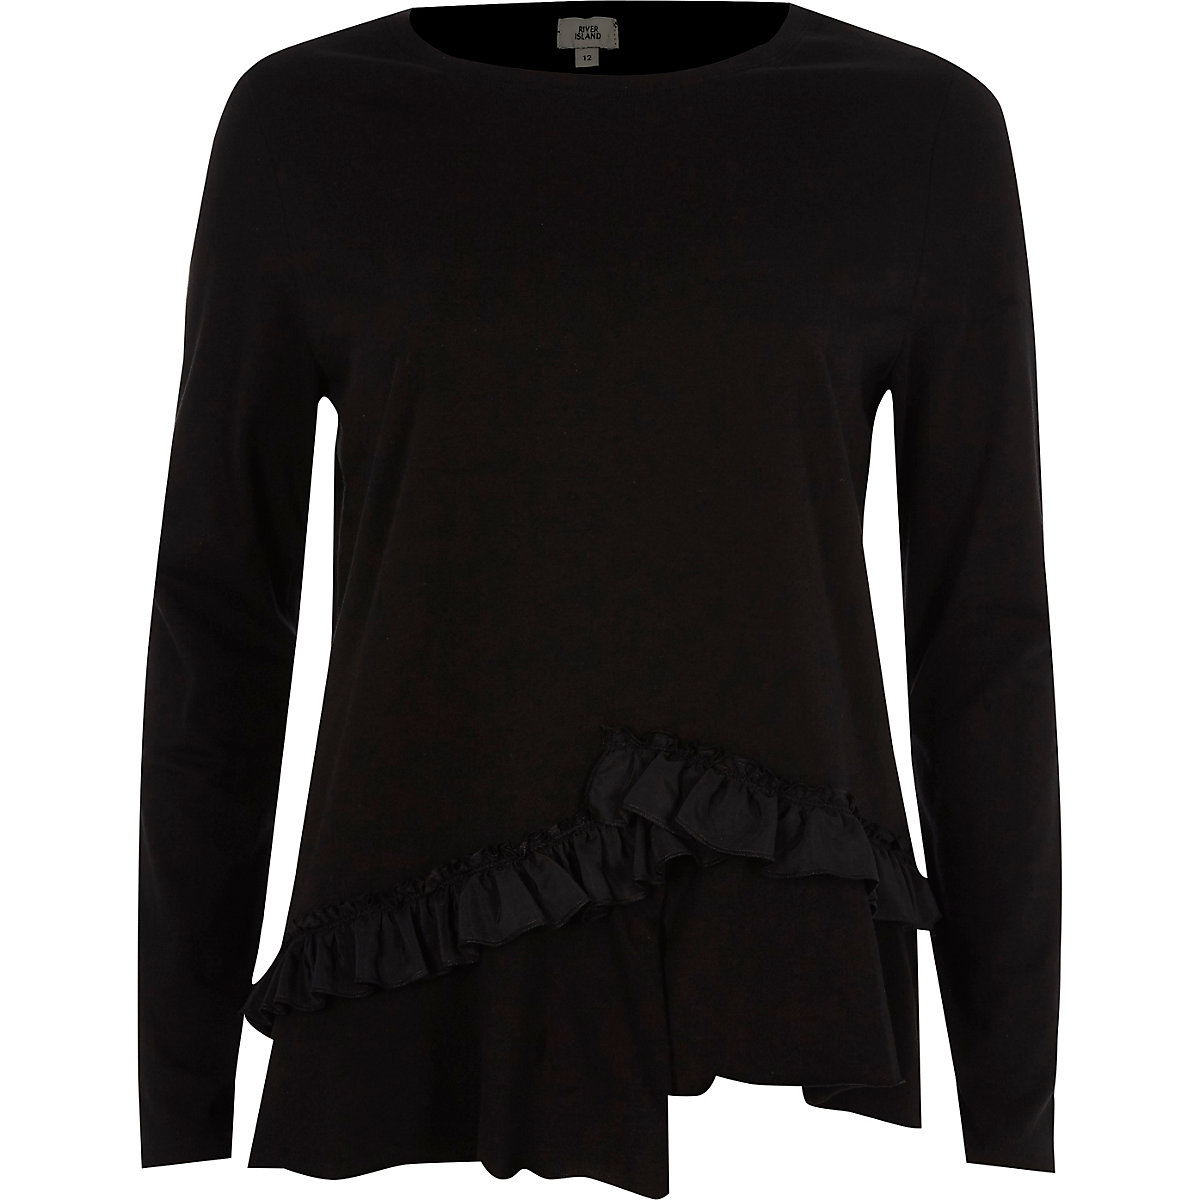 Schwarzes, asymmetrisches T-Shirt mit langen Ärmeln